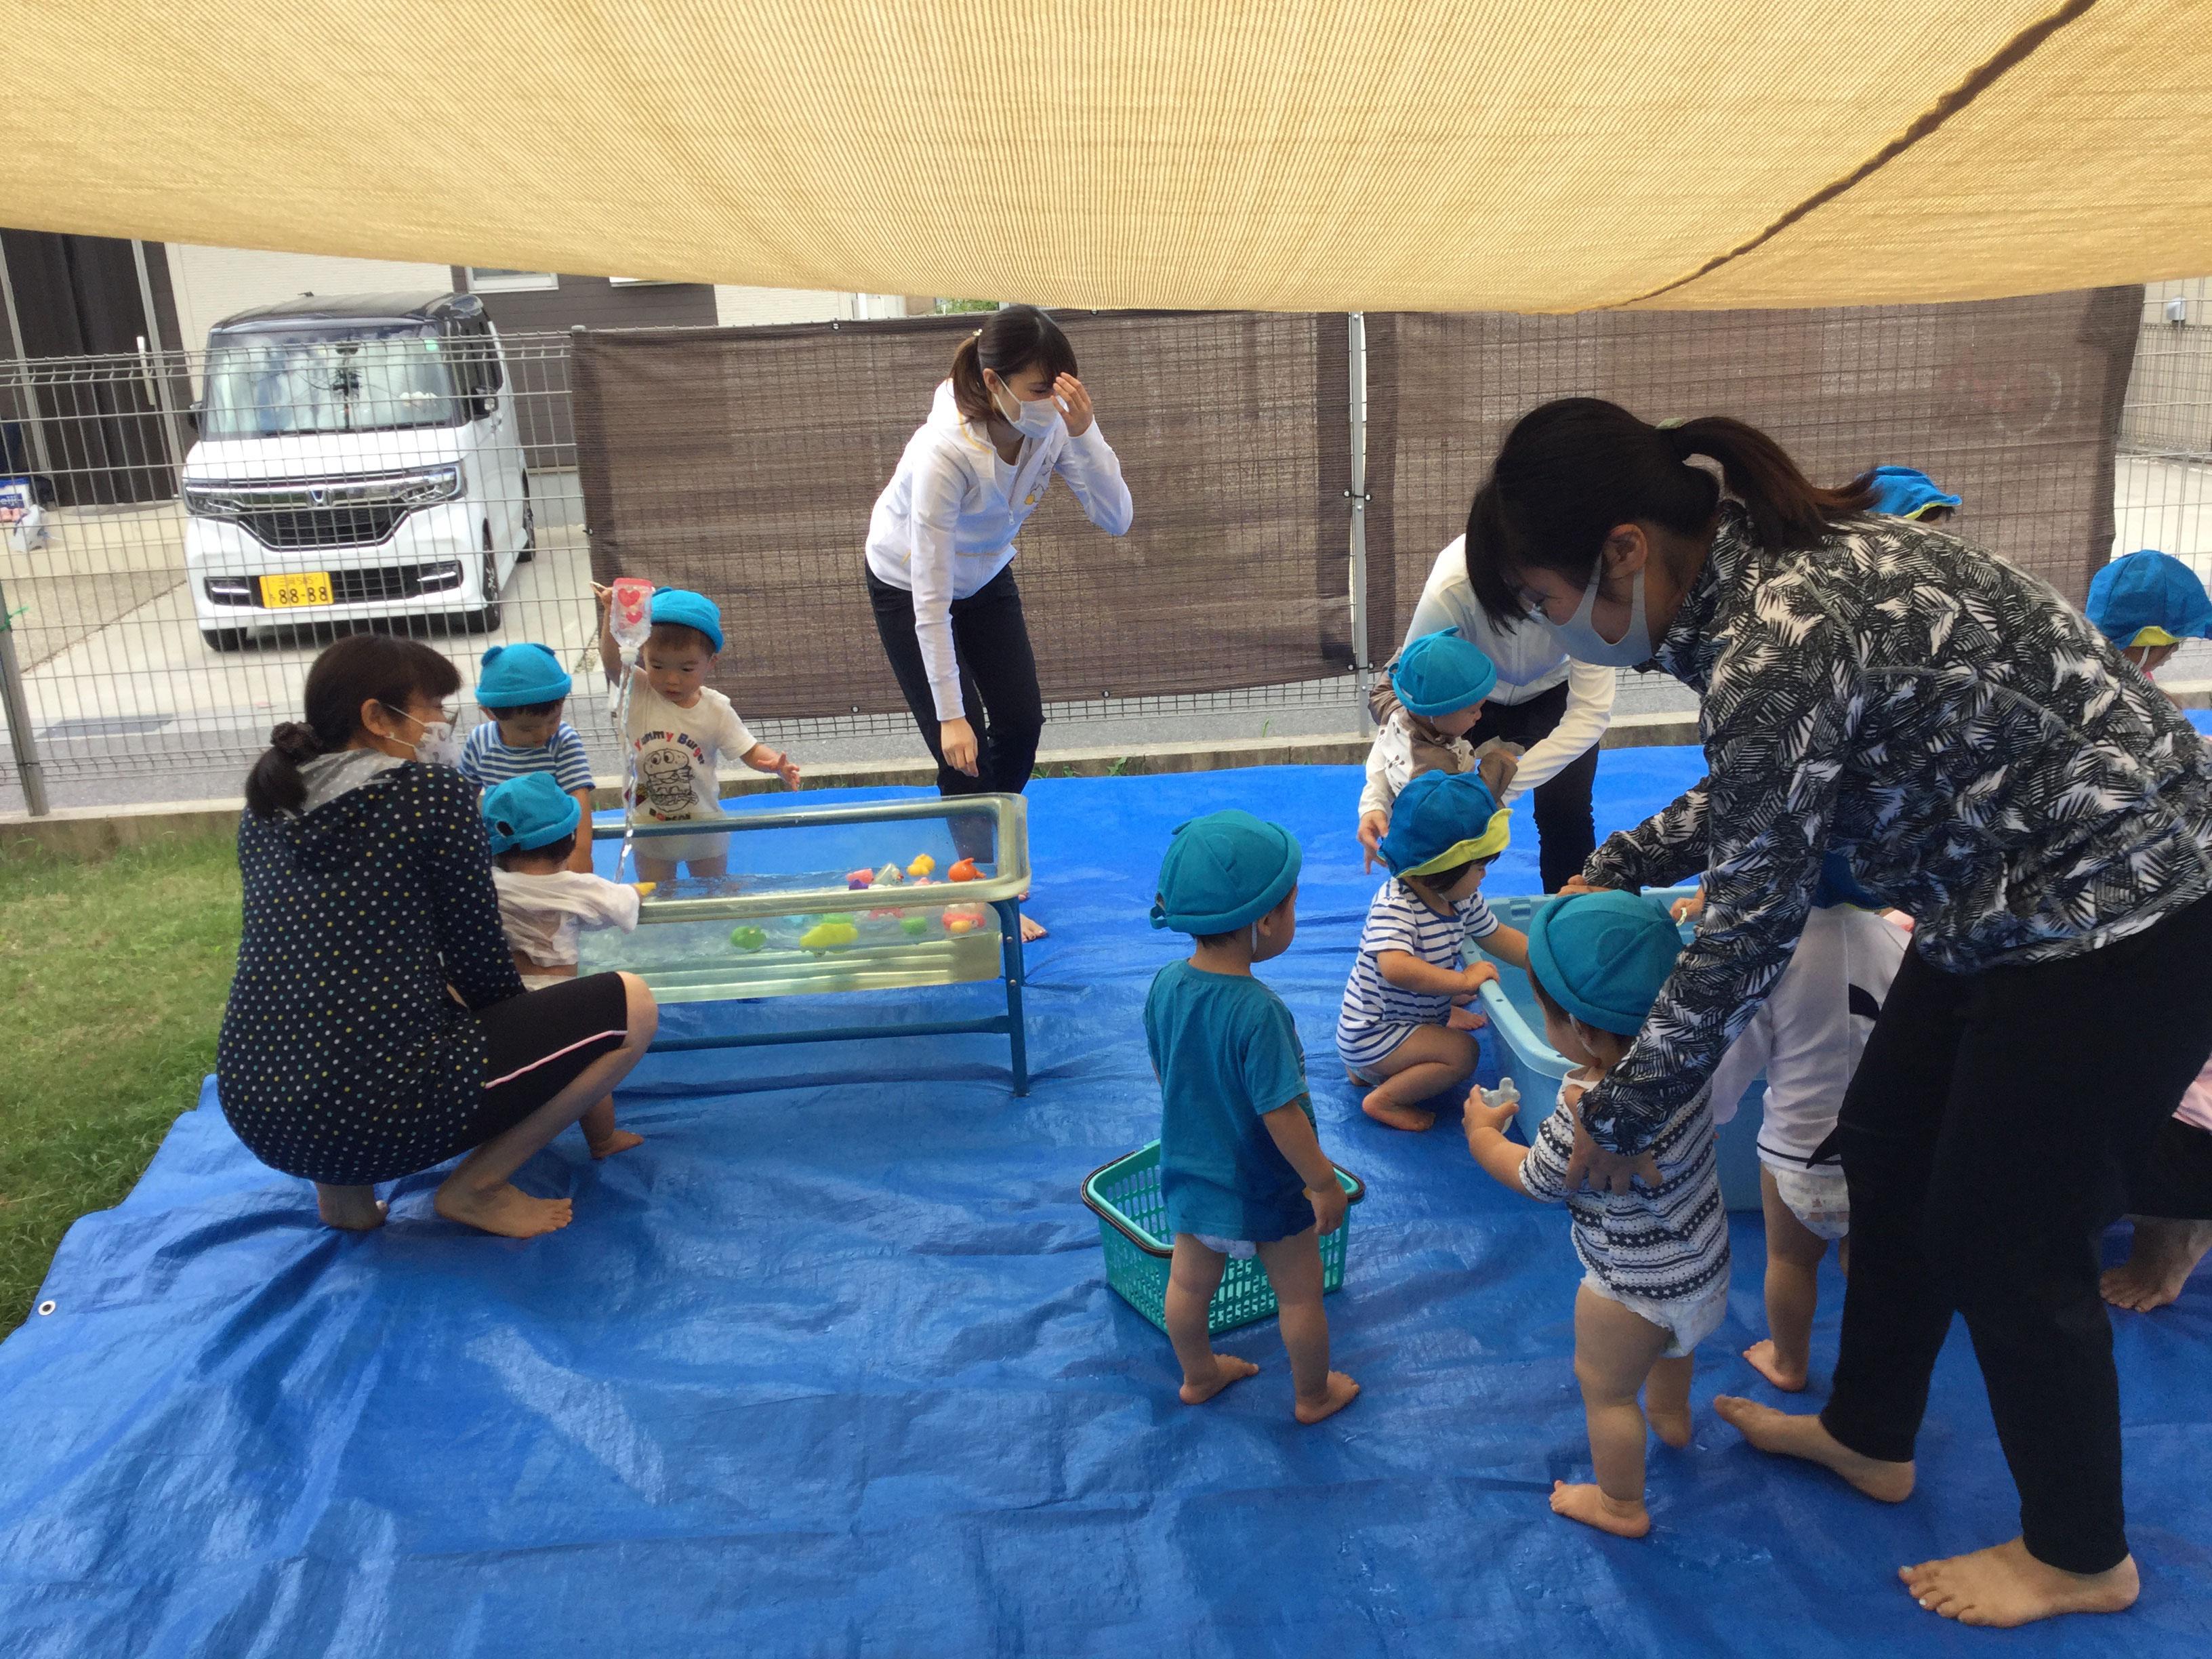 みんな、水遊びが好きなようで、いろいろなおもちゃを使って,水遊びを楽しんでいました。